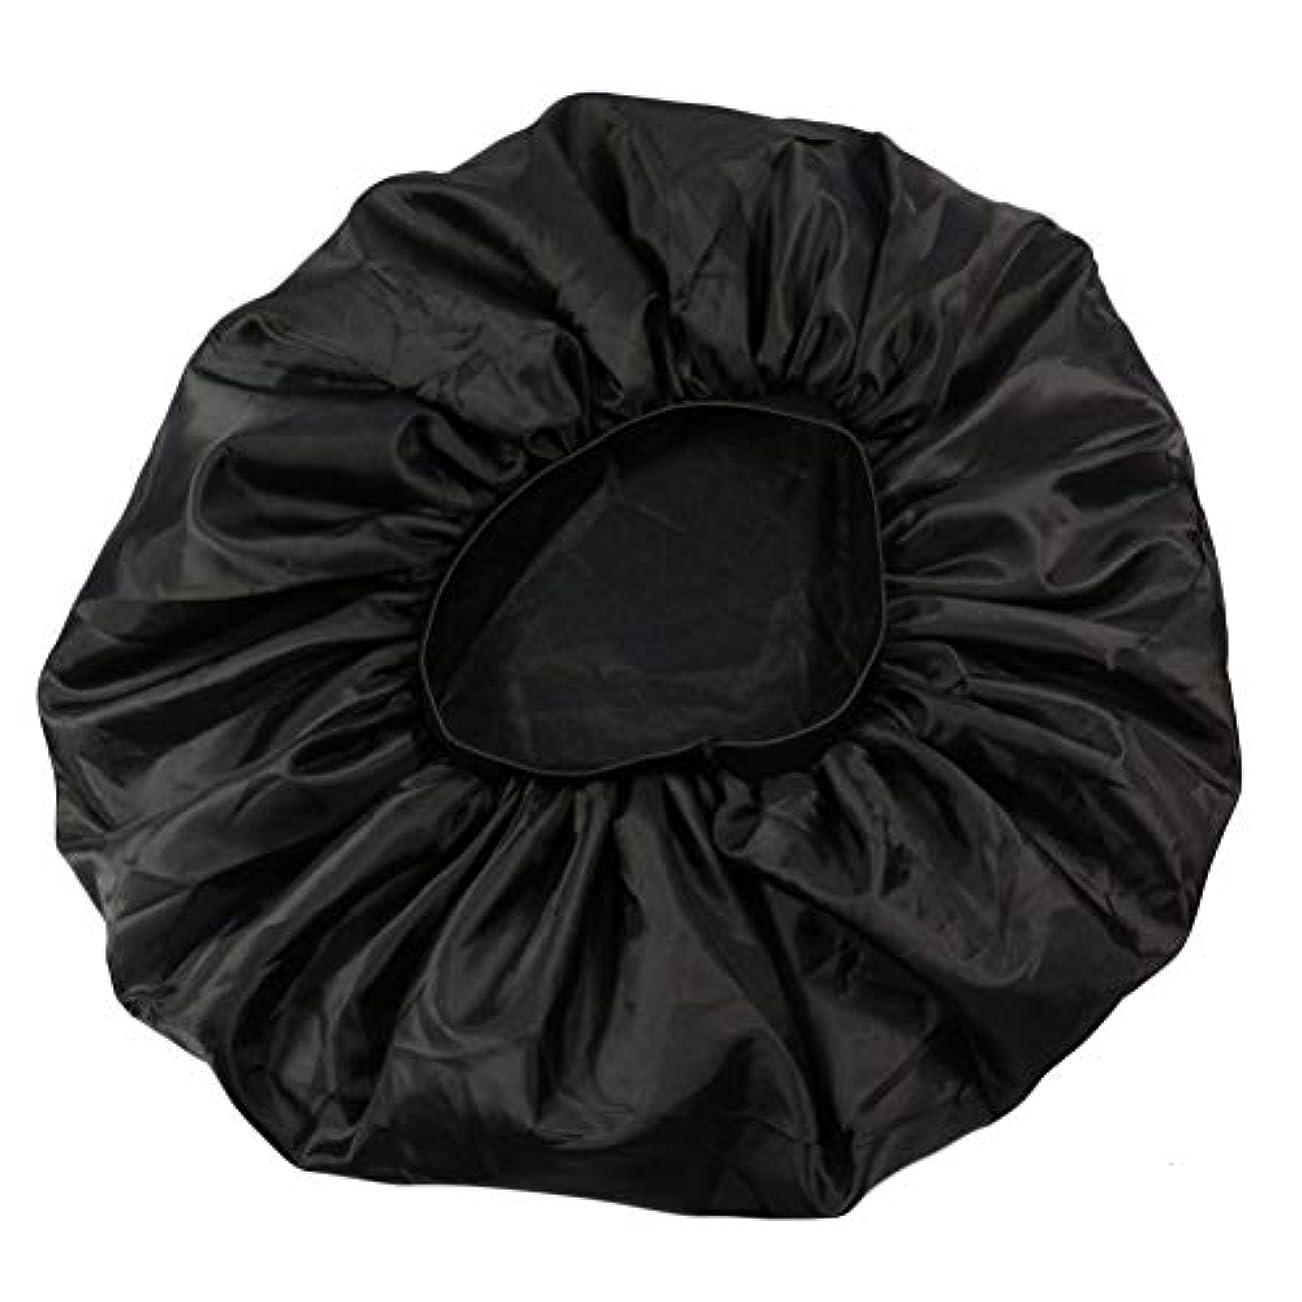 毒フォームバレーボールLurrose 特大伸縮性のあるスリーピングキャップ防毛ナイトキャップサテンスリーピングキャップ(ブラック)